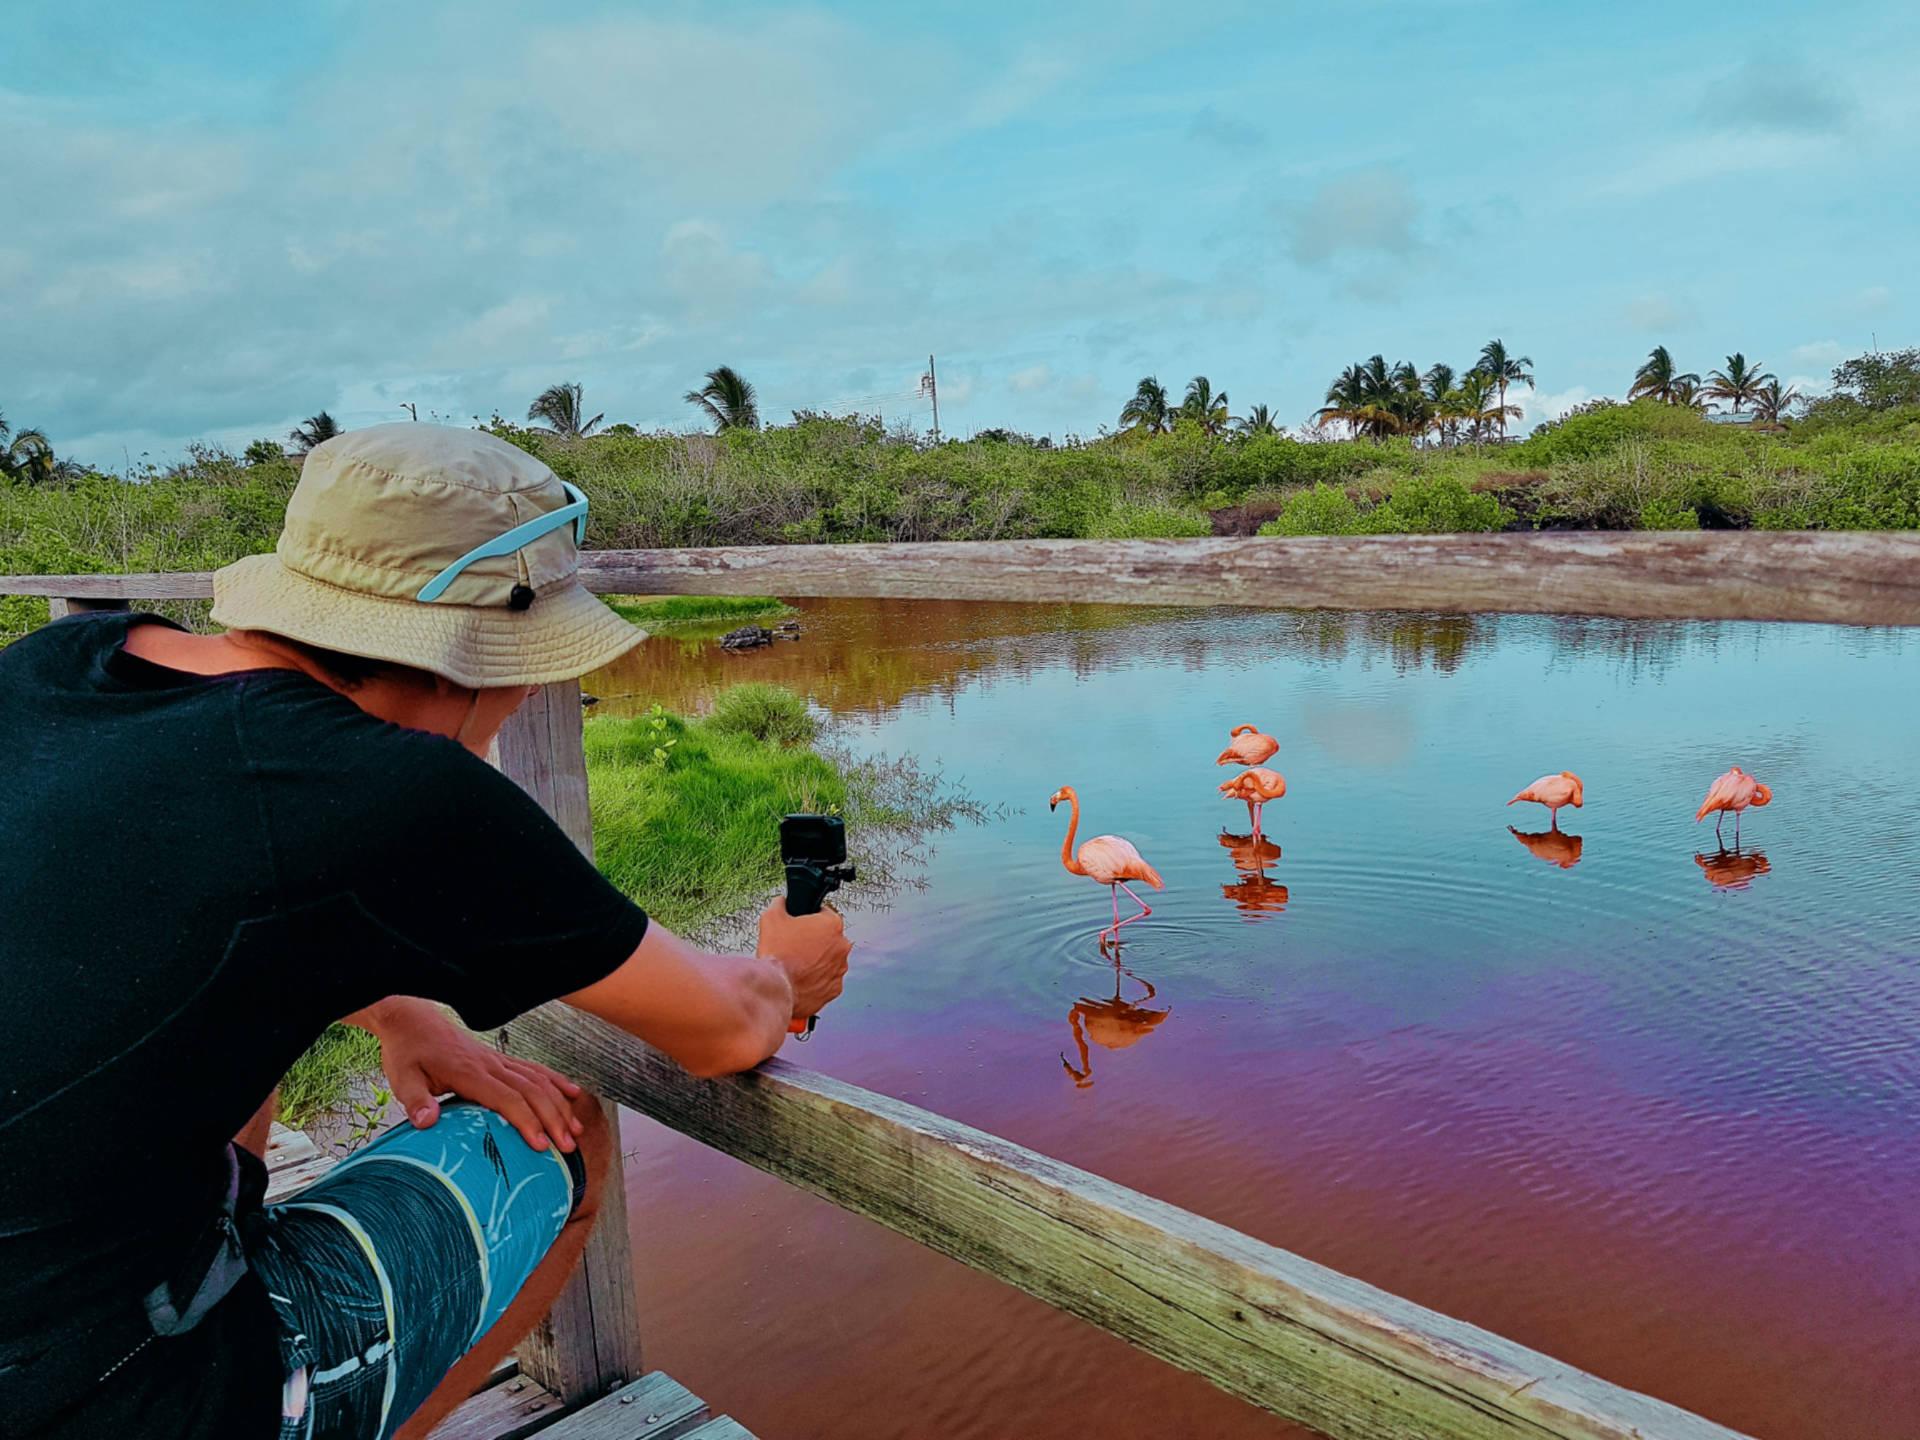 Jak tanio zwiedzić Wyspy Galapagos Darmowe atrakcje nawyspach (20)